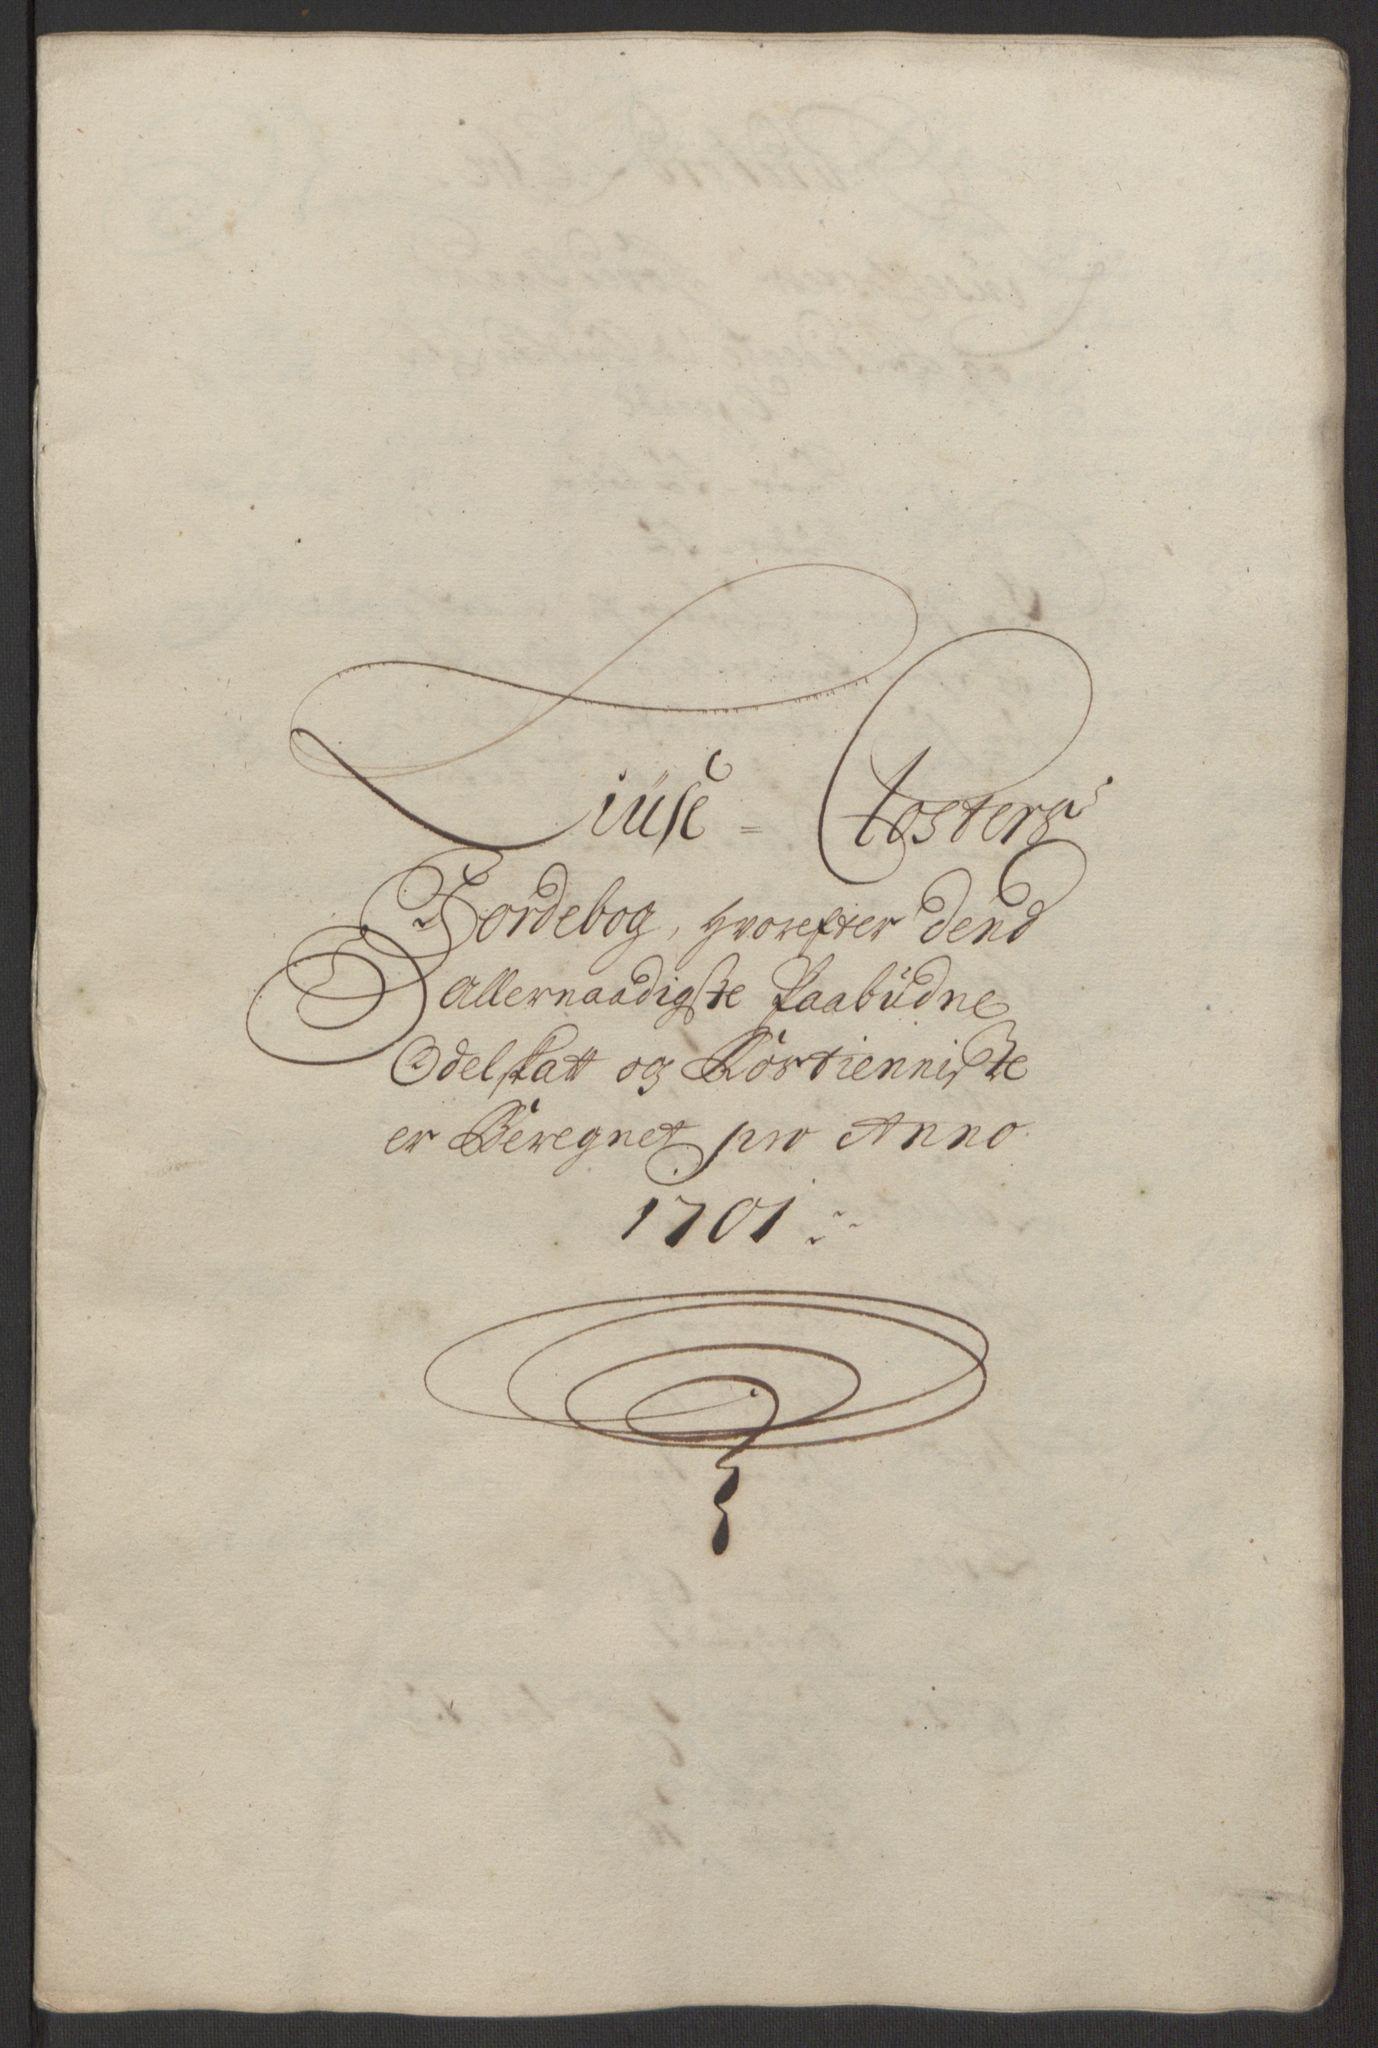 RA, Rentekammeret inntil 1814, Reviderte regnskaper, Fogderegnskap, R50/L3159: Fogderegnskap Lyse kloster, 1691-1709, s. 142